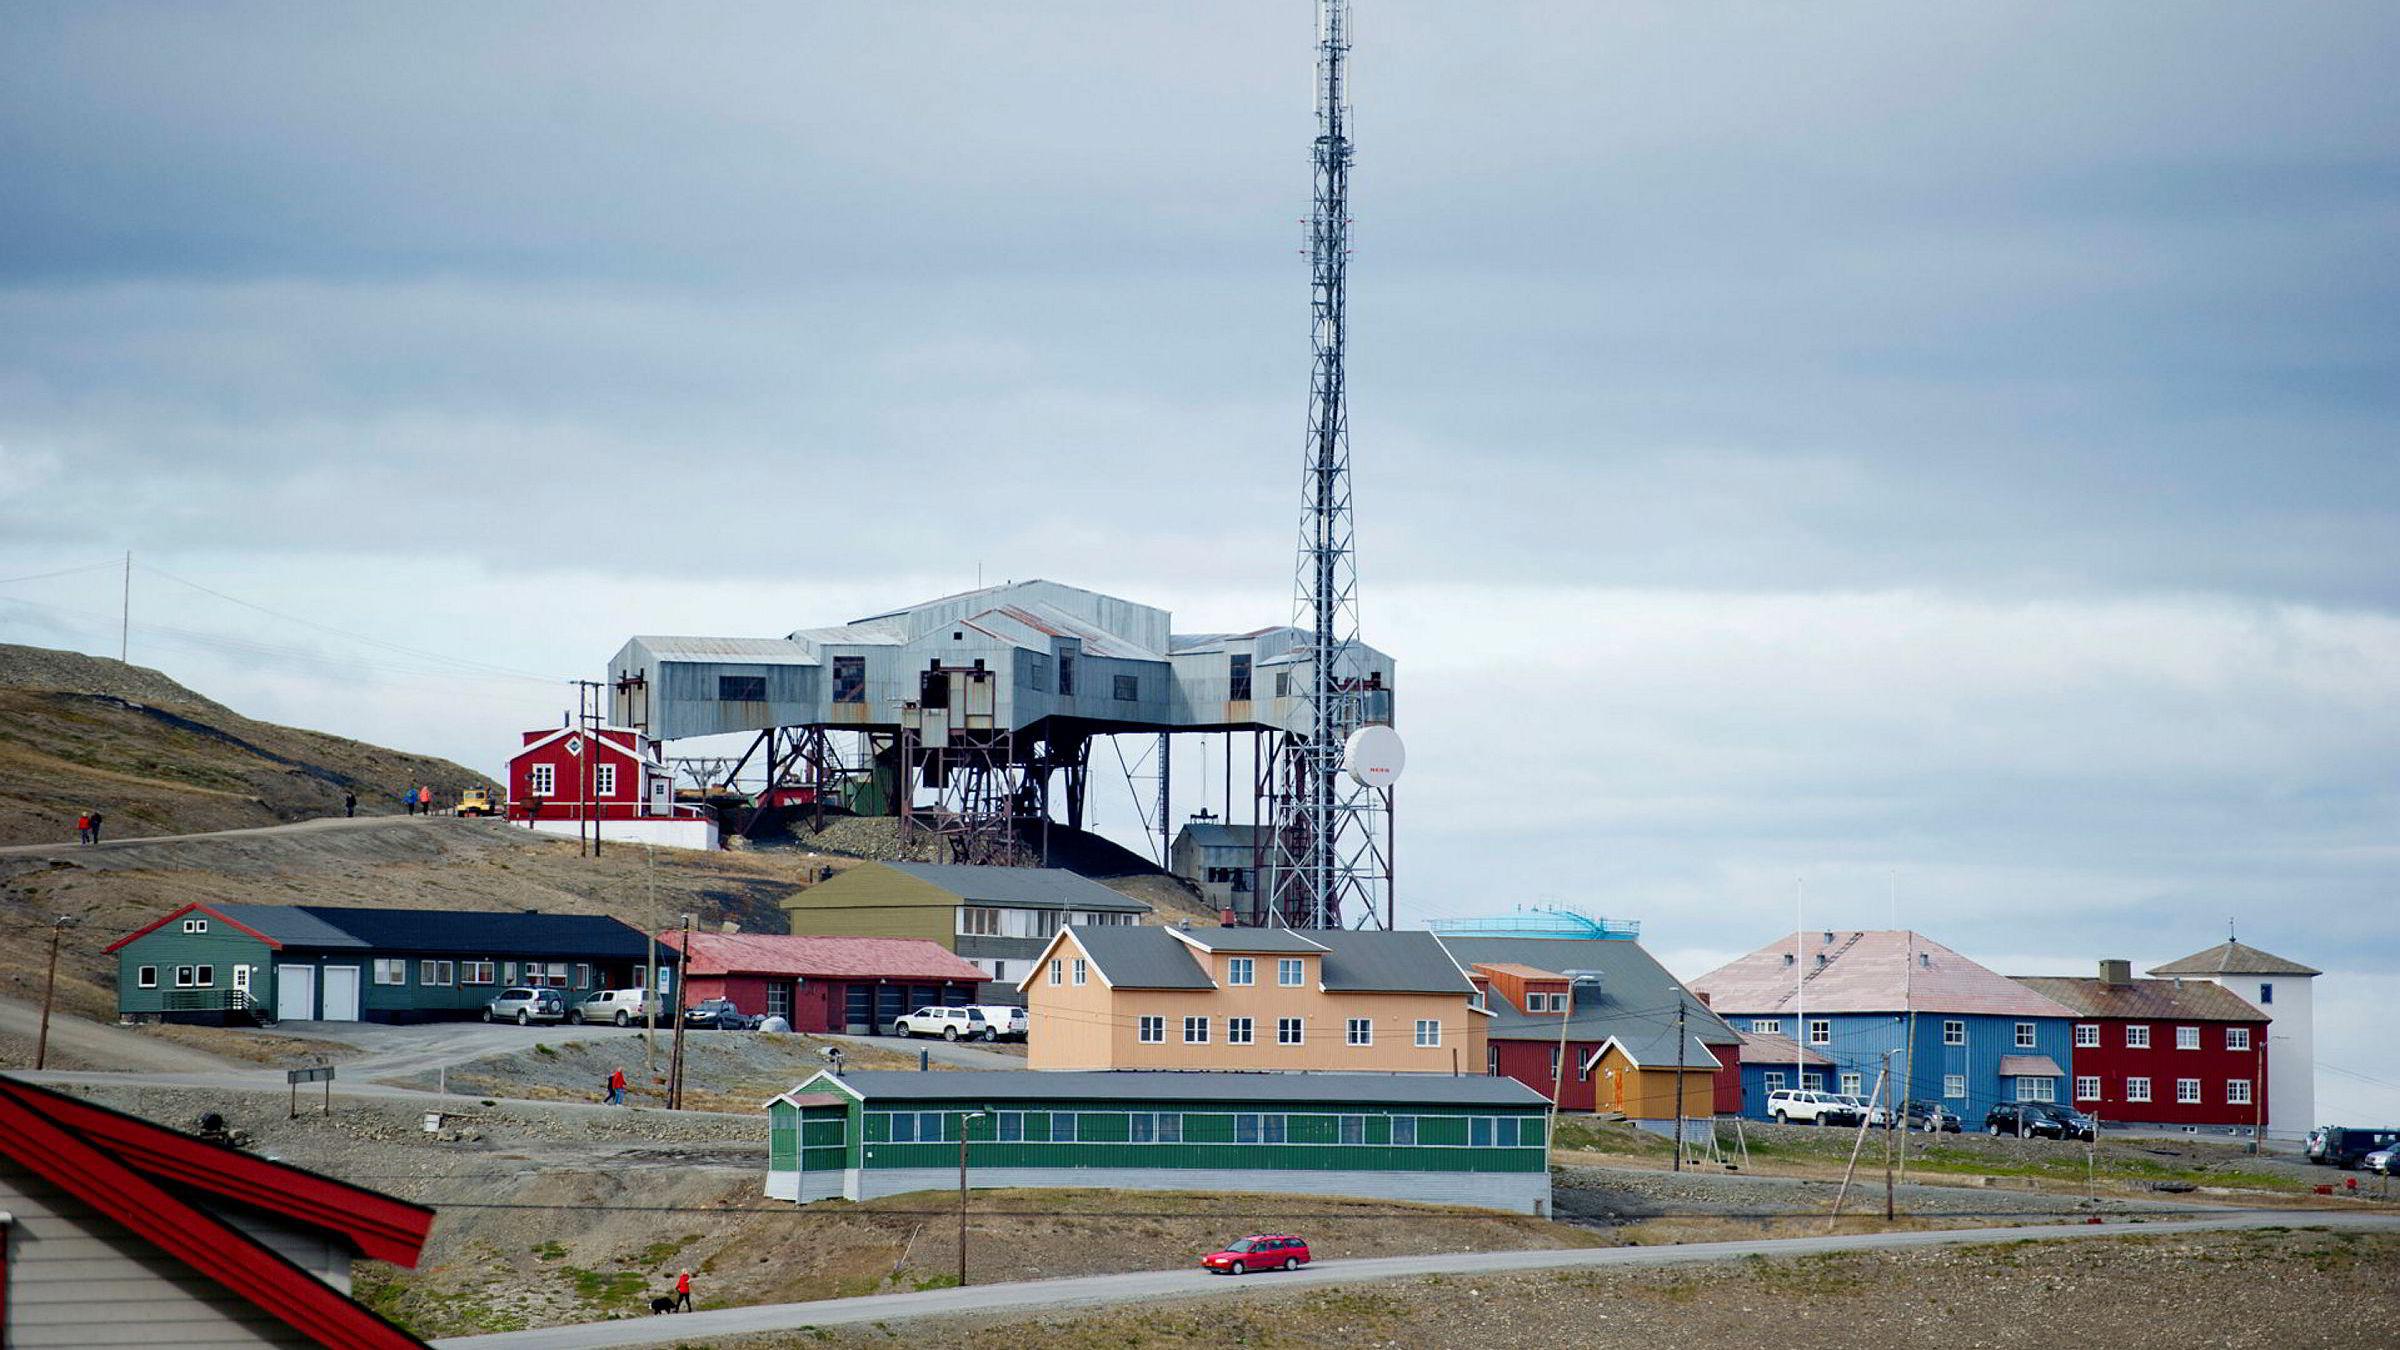 I de siste månedene har det vært noen saker der sammenhengen mellom sikkerhet og investeringer har kommet opp, for eksempel knyttet til kjøp av eiendom på Svalbard. Her fra Longyearbyen.